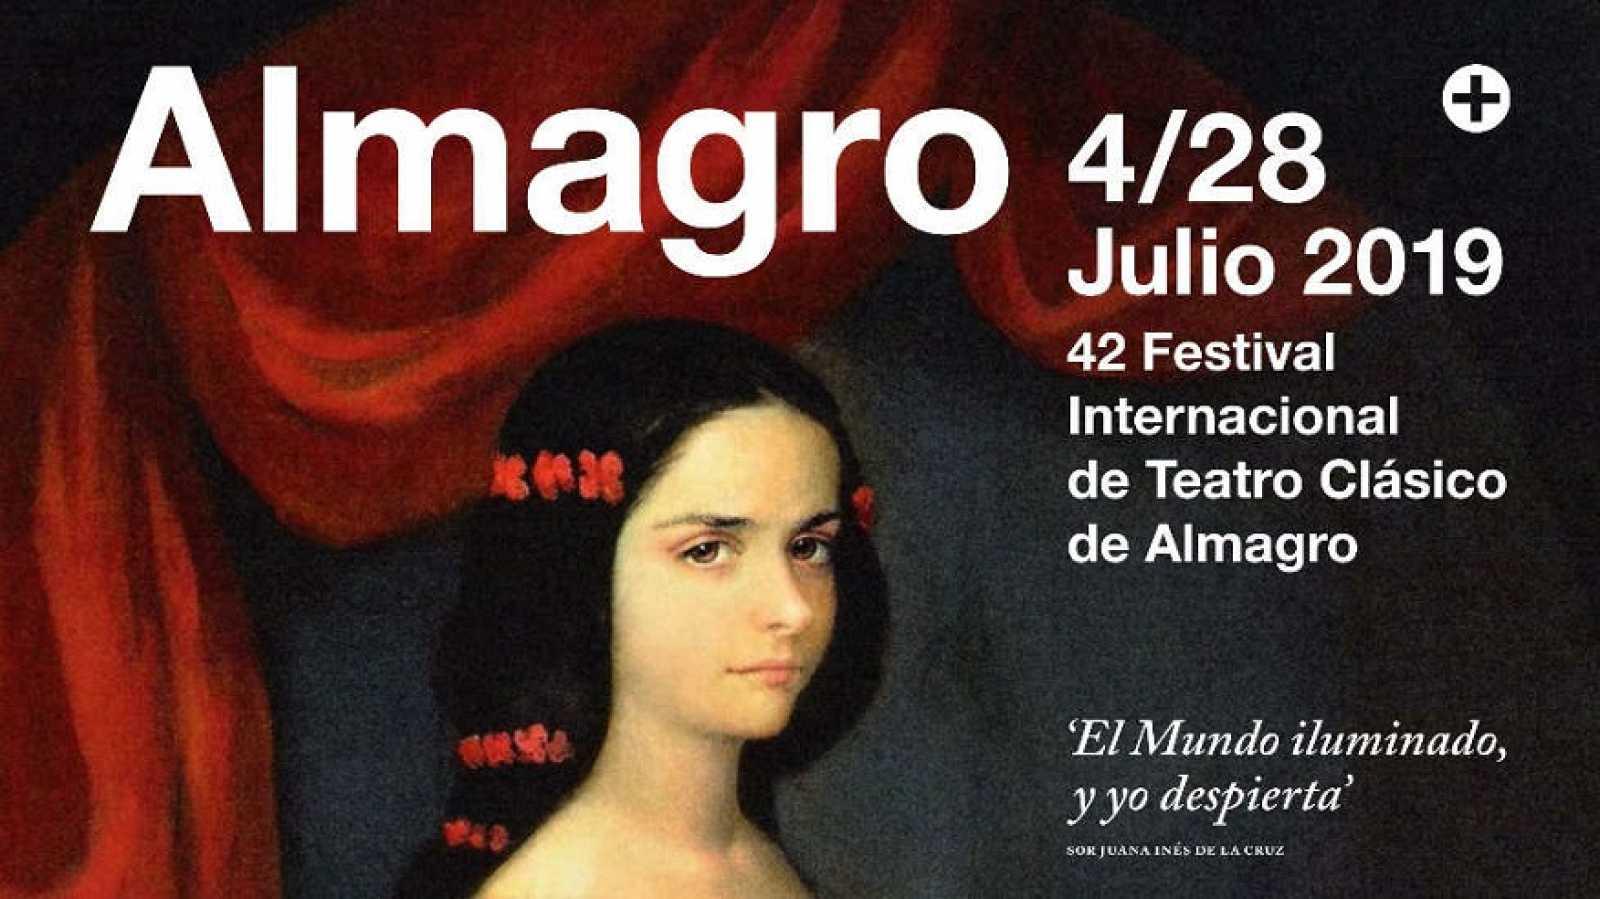 Periodismo móvil y cobertura colaborativa de eventos en el seno del Festival de teatro clásico de Almagro 2019